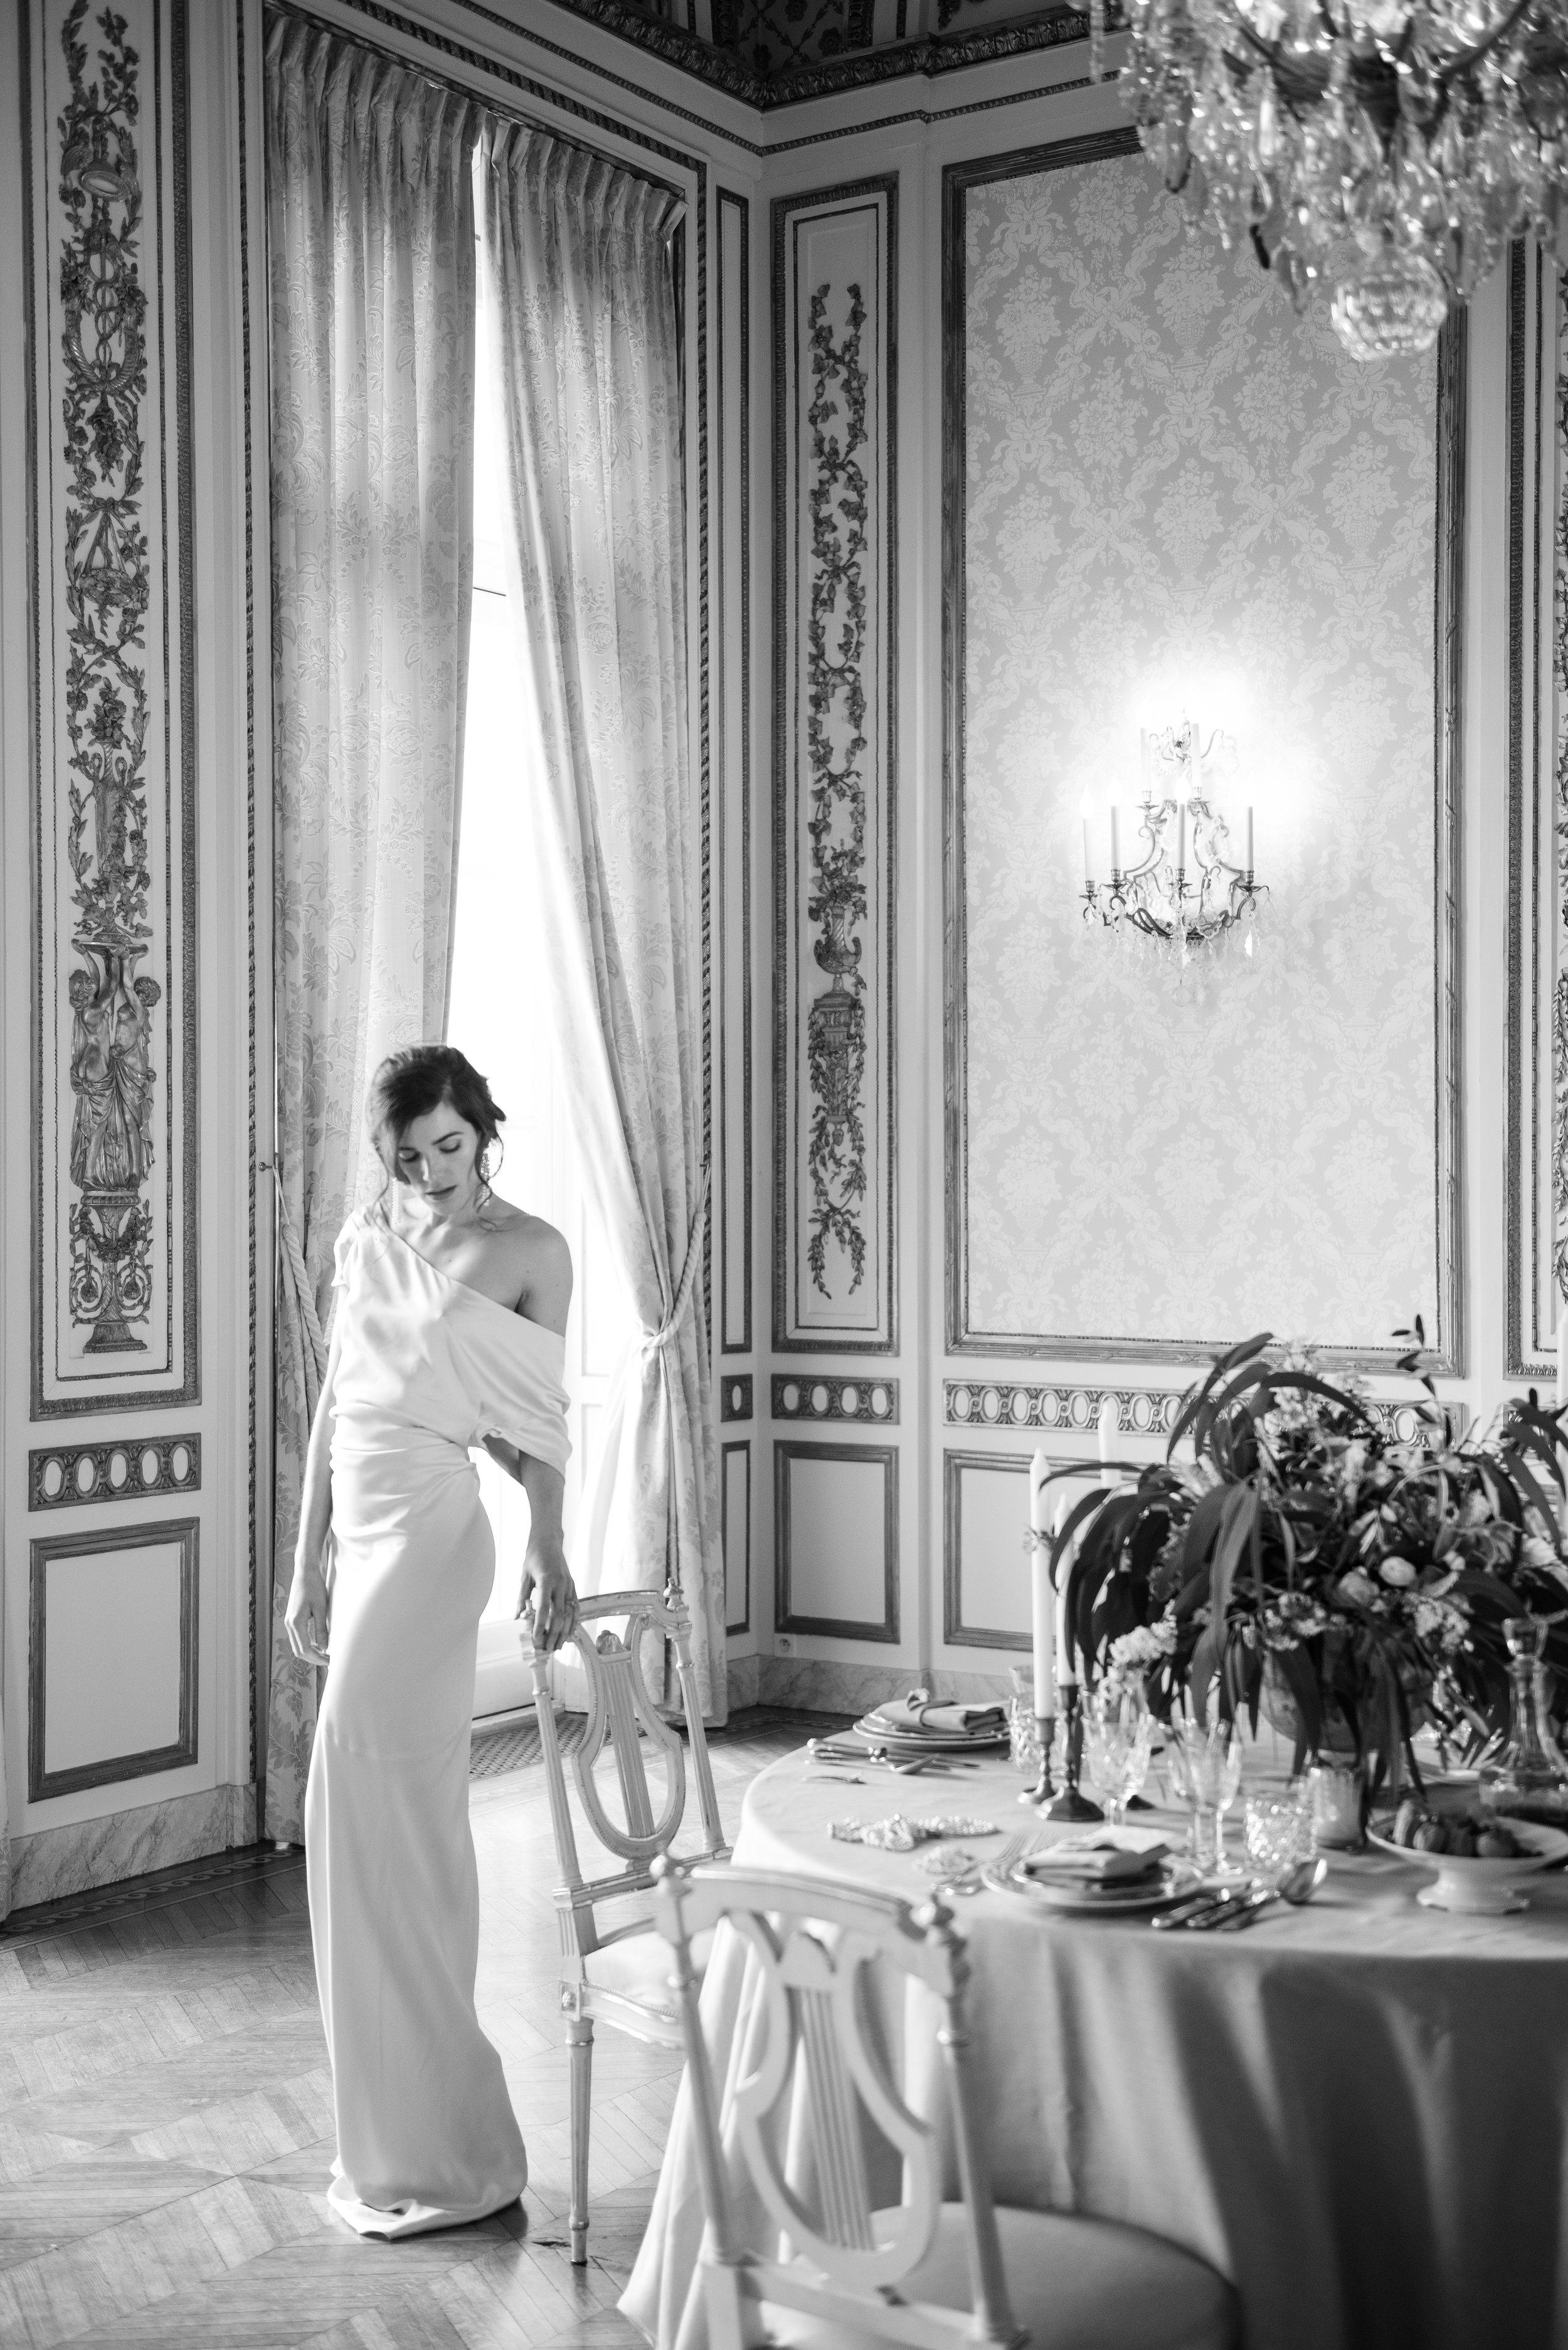 Sylvie-Gil-film-destination-wedding-photography-pavillon-de-la-musique-paris-france-editorial-vintage-classic-